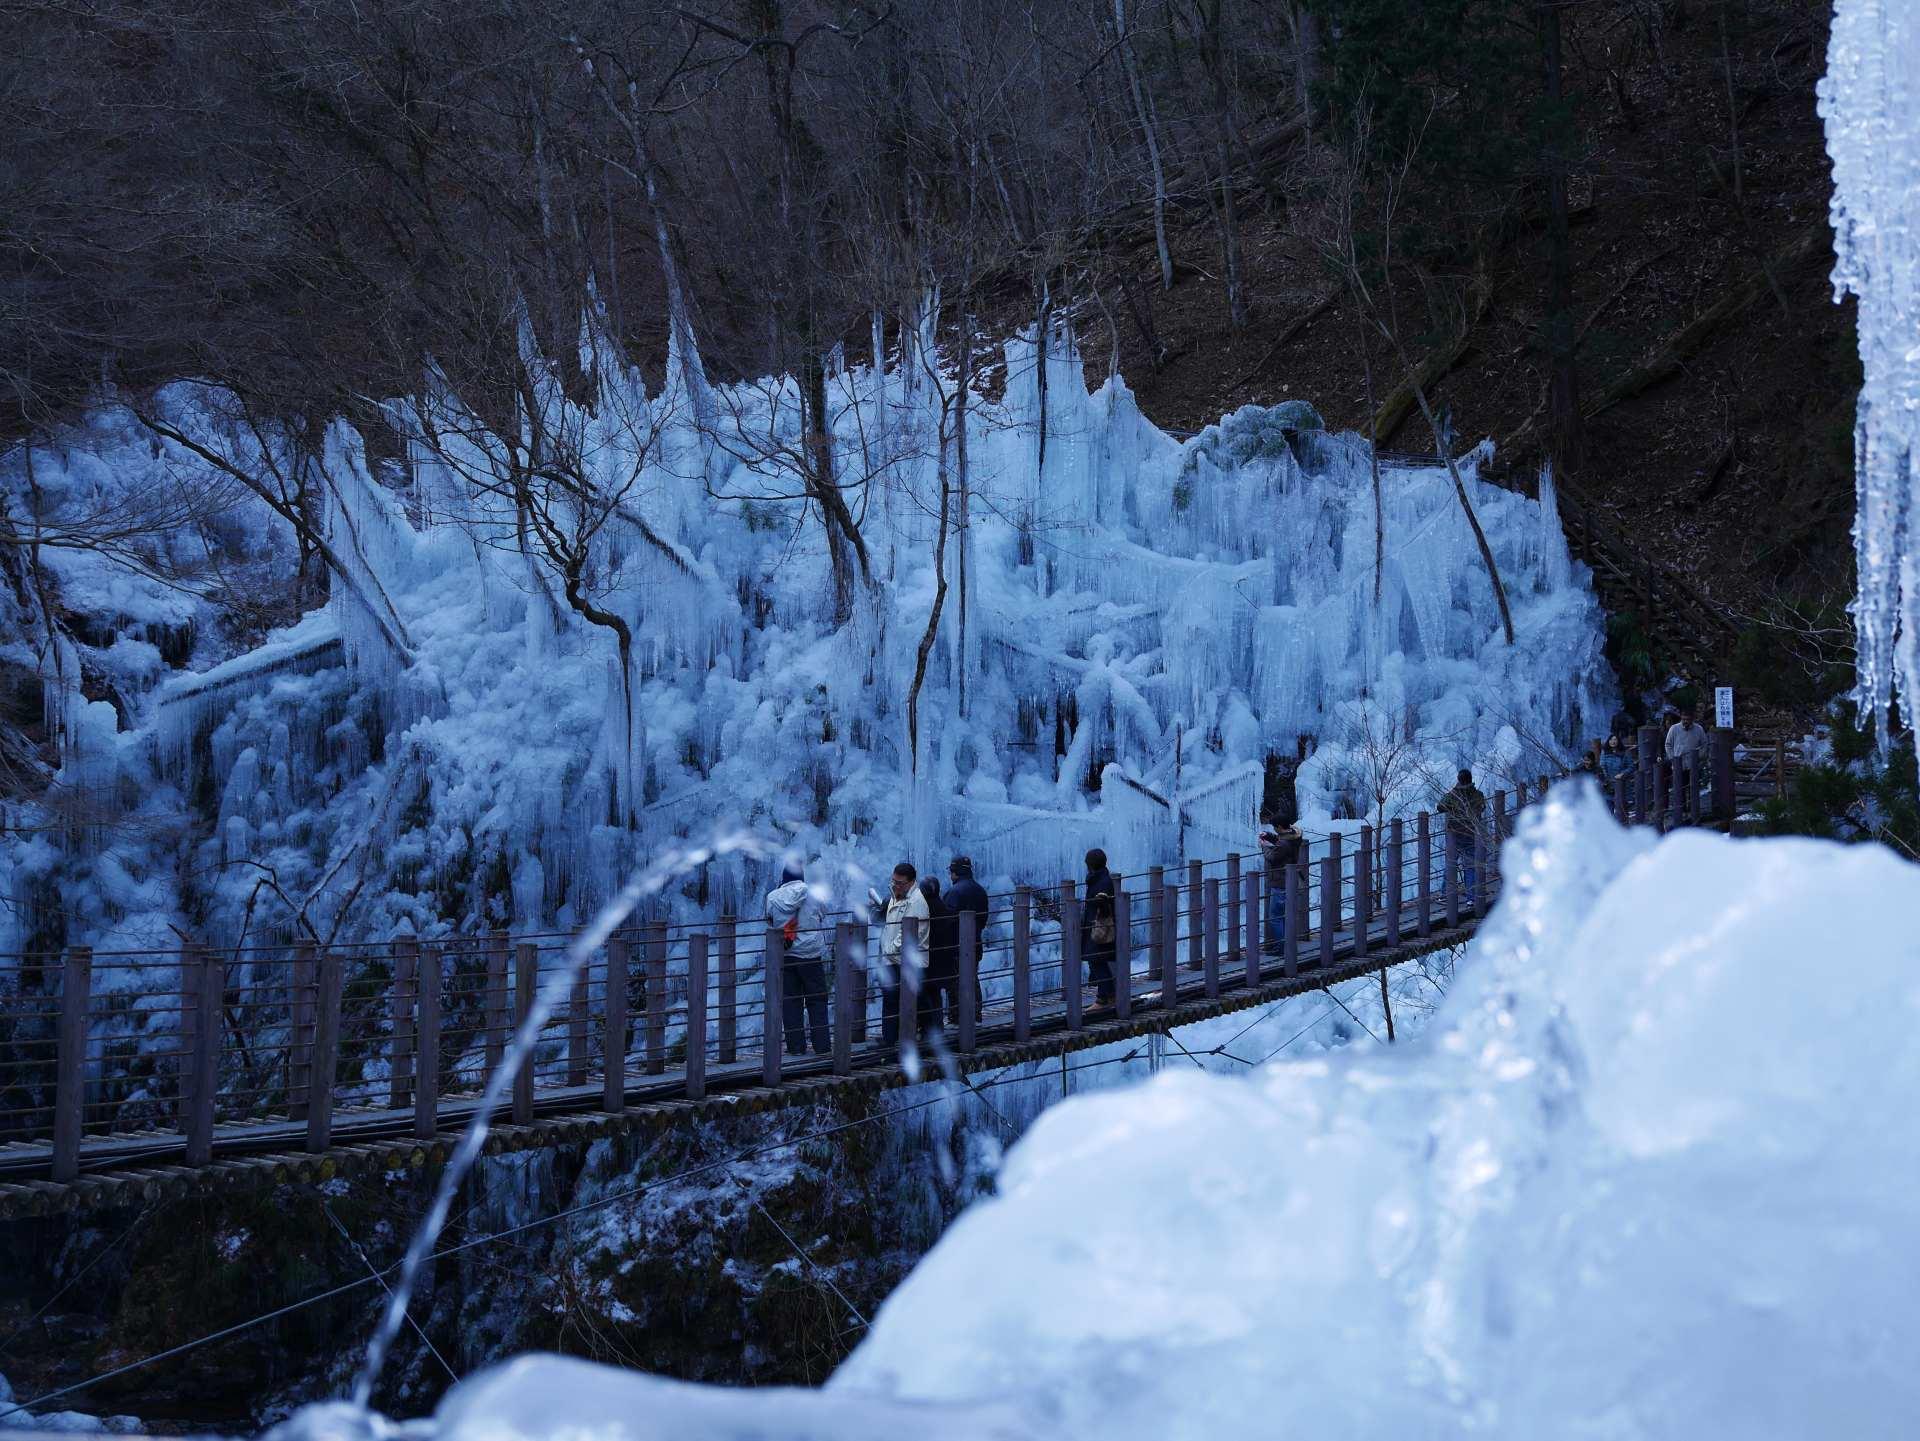 在溪谷设置水管向树木和山上喷水